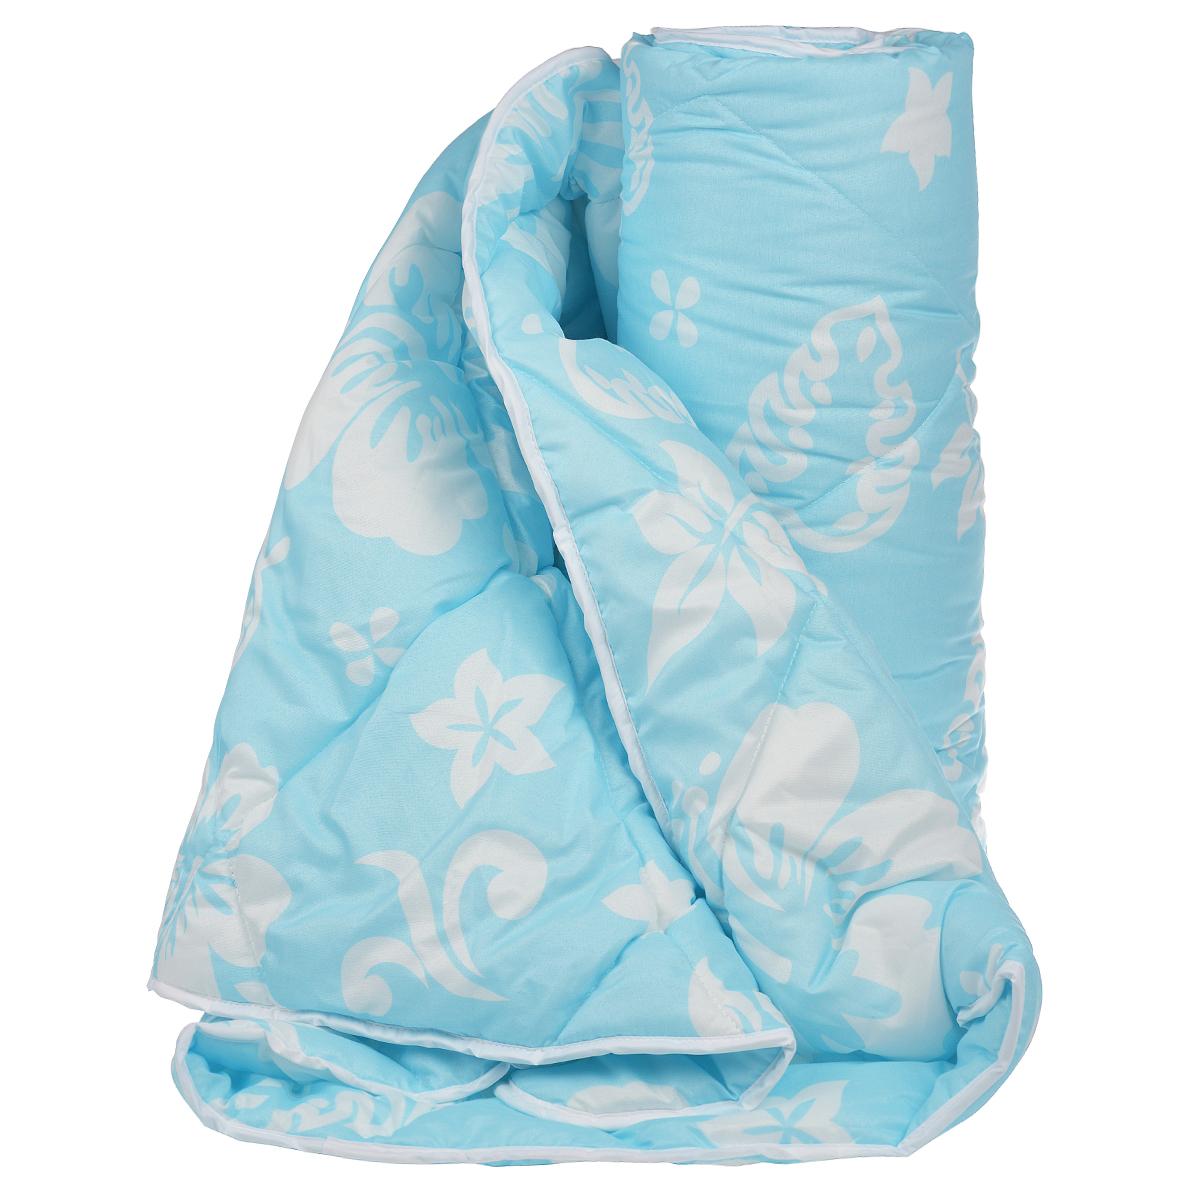 Одеяло Dargez Бомбей, наполнитель: бамбуковое волокно, цвет: голубой, белый, 140 х 205 см22(23)341Одеяло Dargez Бомбей подарит комфорт и уют во время сна. Чехол одеяла, выполненный из микрофибры, оформлен фигурной стежкой, которая надежно удерживает наполнитель внутри. Волокно на основе бамбука - инновационный наполнитель, обладающий за счет своей пористой структуры хорошей воздухонепроницаемостью и высокой гигроскопичностью, обеспечивает оптимальный уровень влажности во время сна и создает чувство прохлады в жаркие дни. Антибактериальный эффект наполнителя достигается за счет содержания в нем специального компонента, а также за счет поглощения влаги, что создает сухой микроклимат, препятствующий росту бактерий. Основные свойства волокна: - хорошая терморегуляция, - свободная циркуляция воздуха, - антибактериальные свойства, - повышенная гигроскопичность, - мягкость и легкость, - удобство в эксплуатации и легкость стирки. Рекомендации по уходу: - Стирка при температуре не более 40°С. - Запрещается отбеливать, гладить.- Можно выжимать и сушить в стиральной машине.